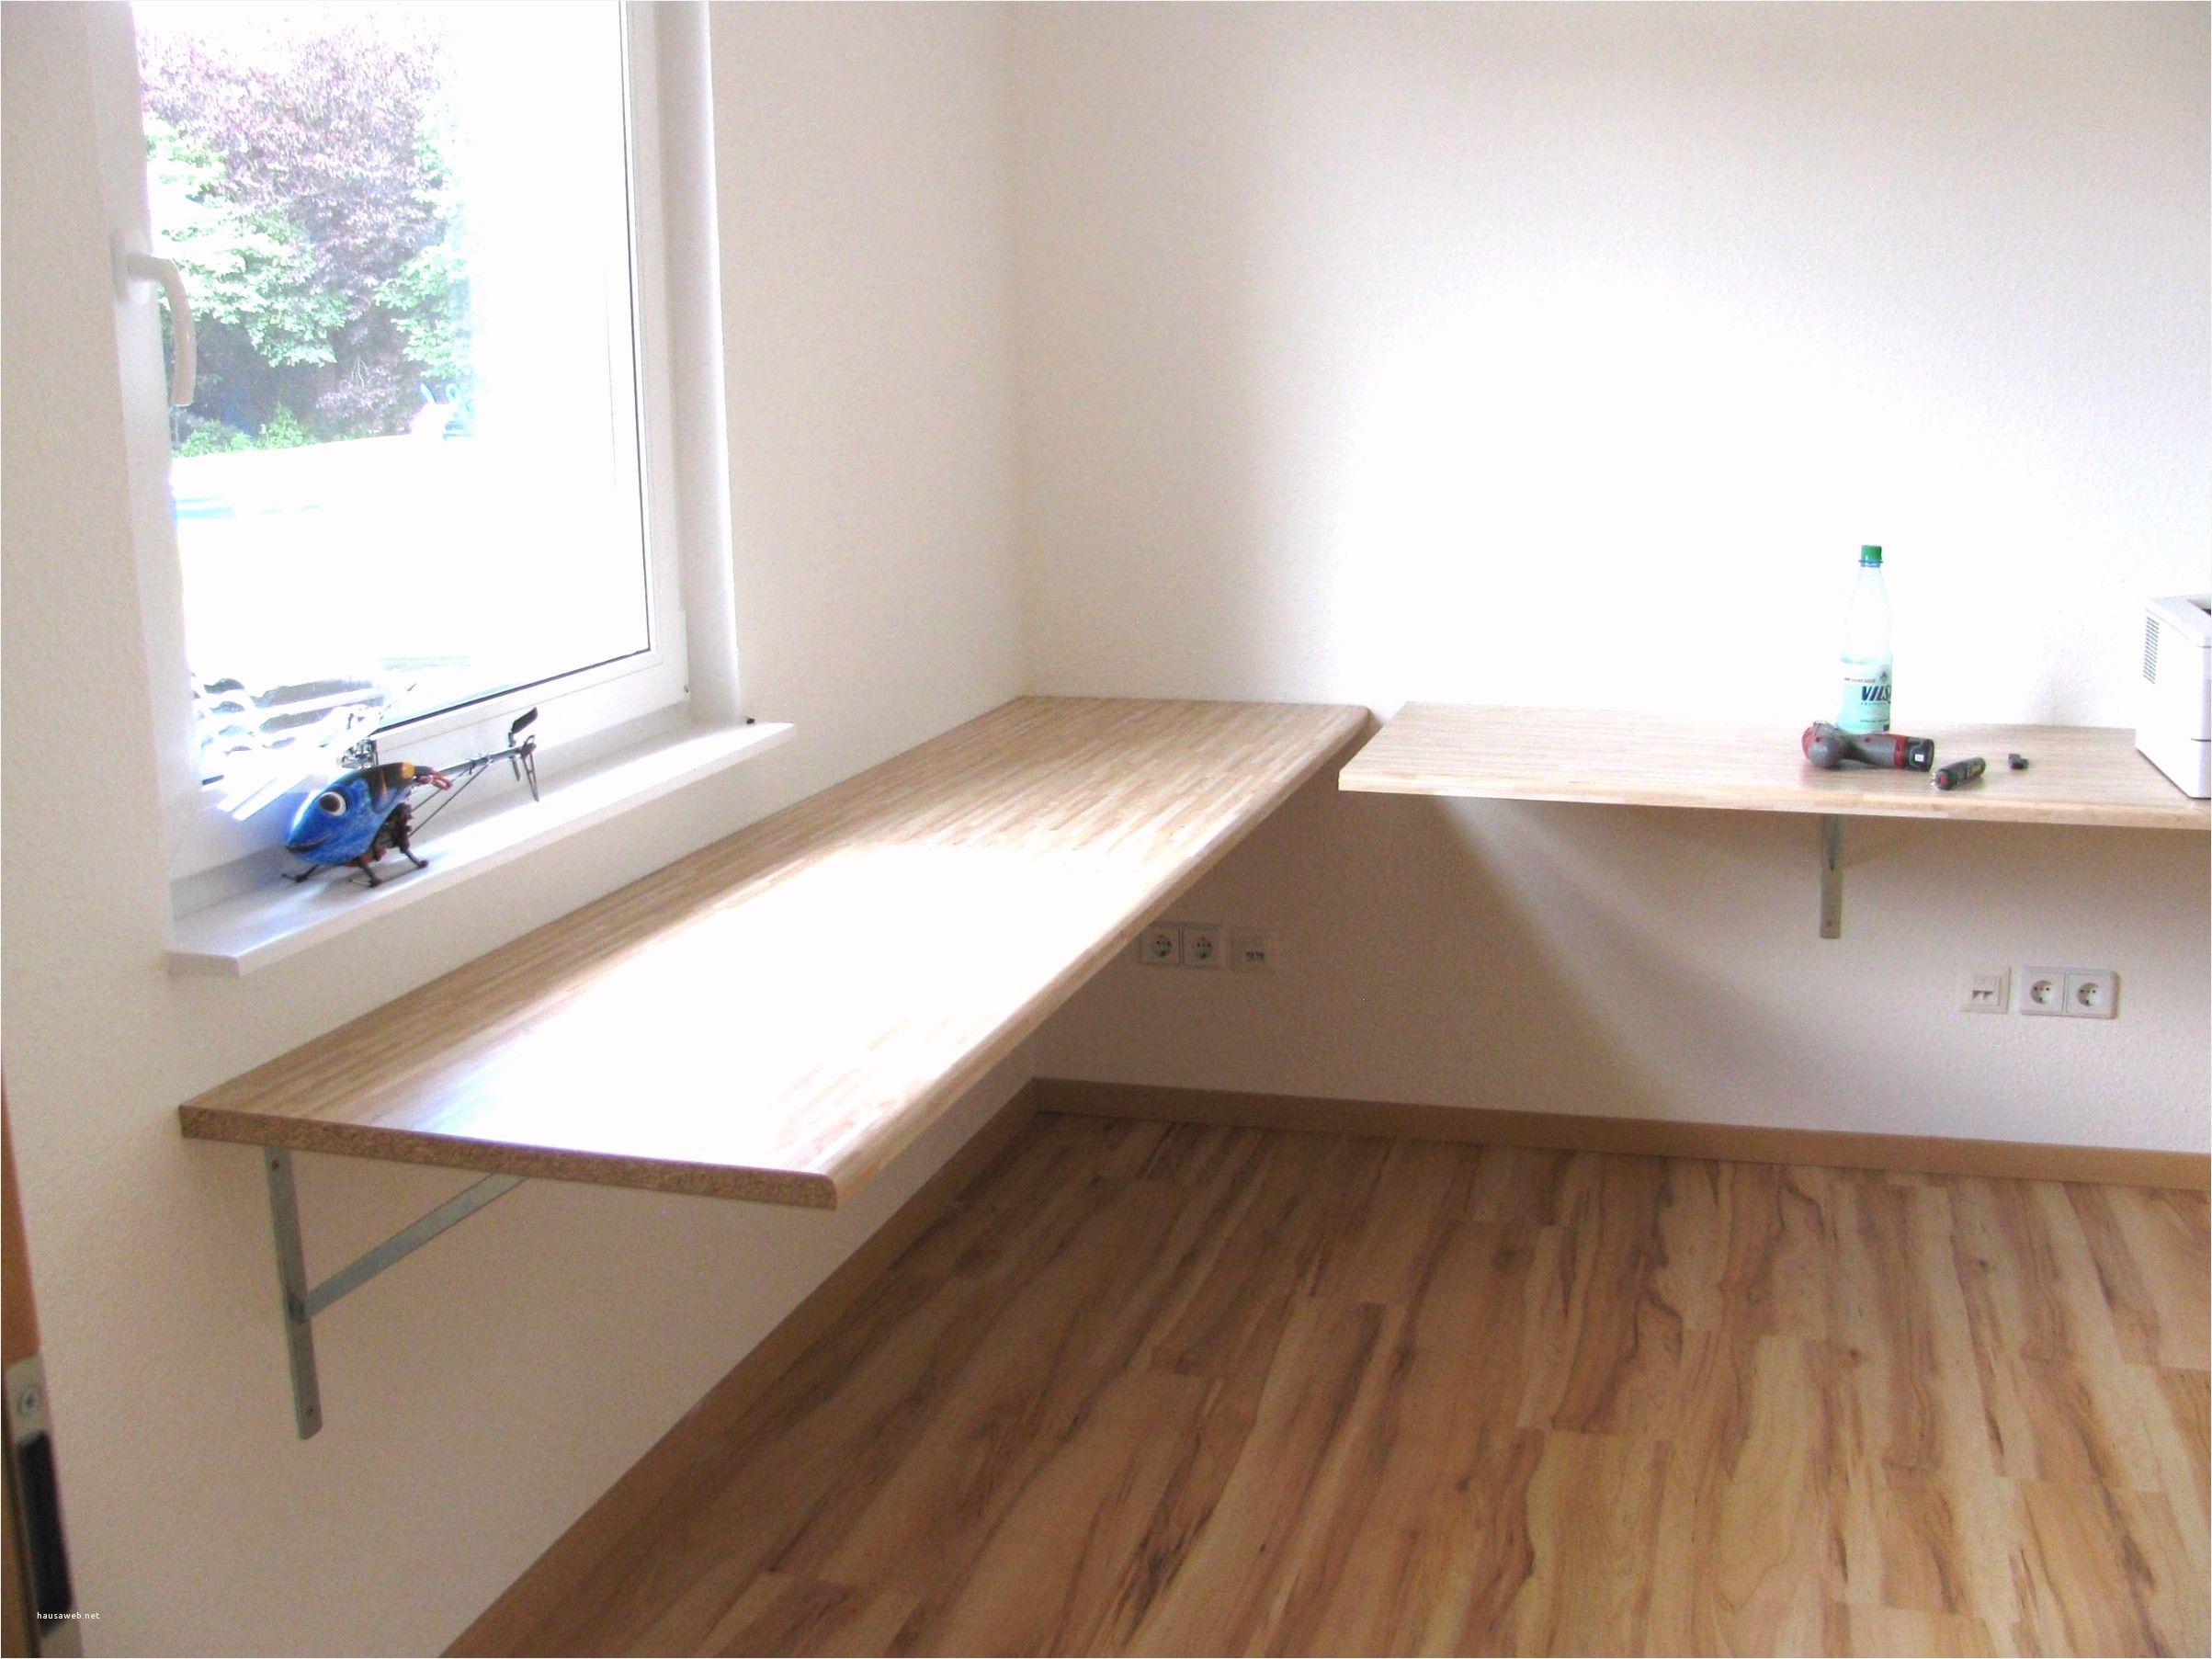 Schreibtisch Selber Bauen Arbeitsplatte Neu Das Beste Von 40 Schreibtisch  Selber Bauen Arbeitsplatte Design